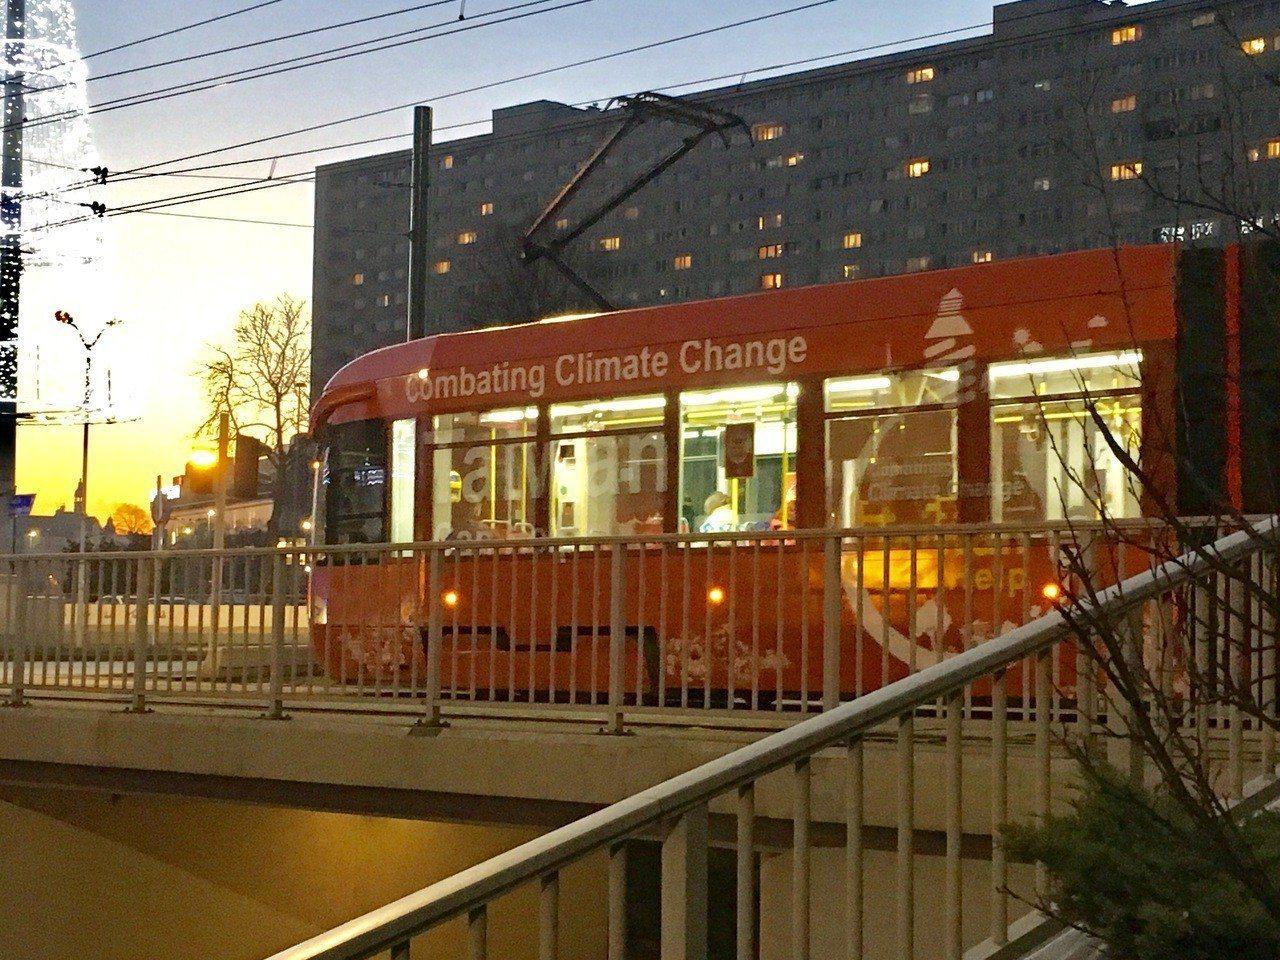 台灣外交部設計的電車廣告,穿梭在波蘭卡托維治街頭。記者吳姿賢/攝影